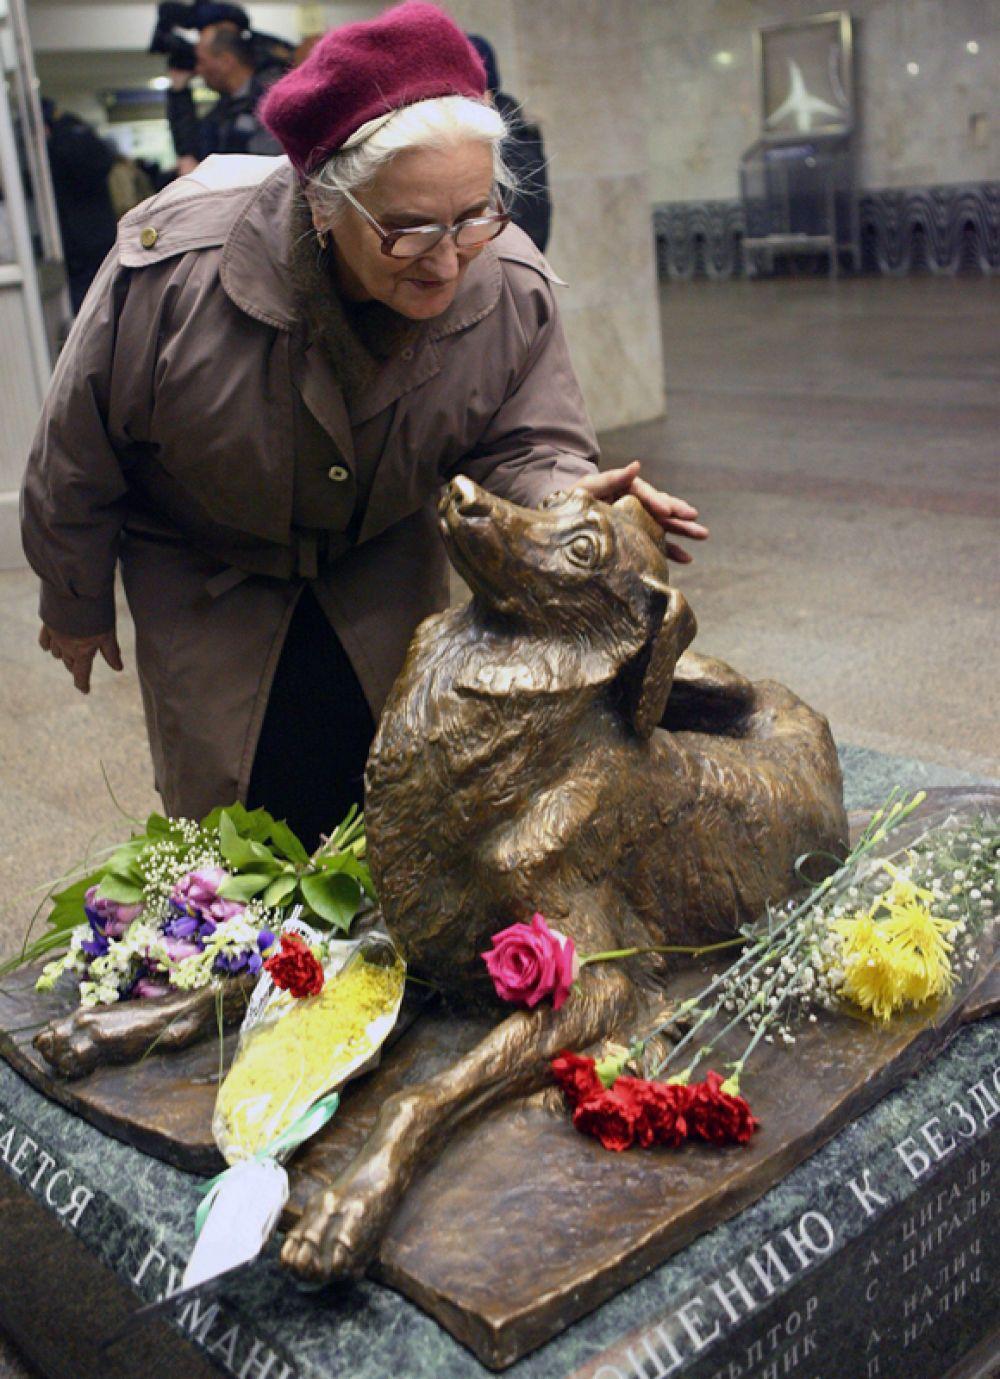 Памятник «Сочувствие», станция метро «Менделеевская», Москва. В 2001 году в переходе этой станции метро был убит пес по кличке Мальчик, которого опекали работники метрополитена.